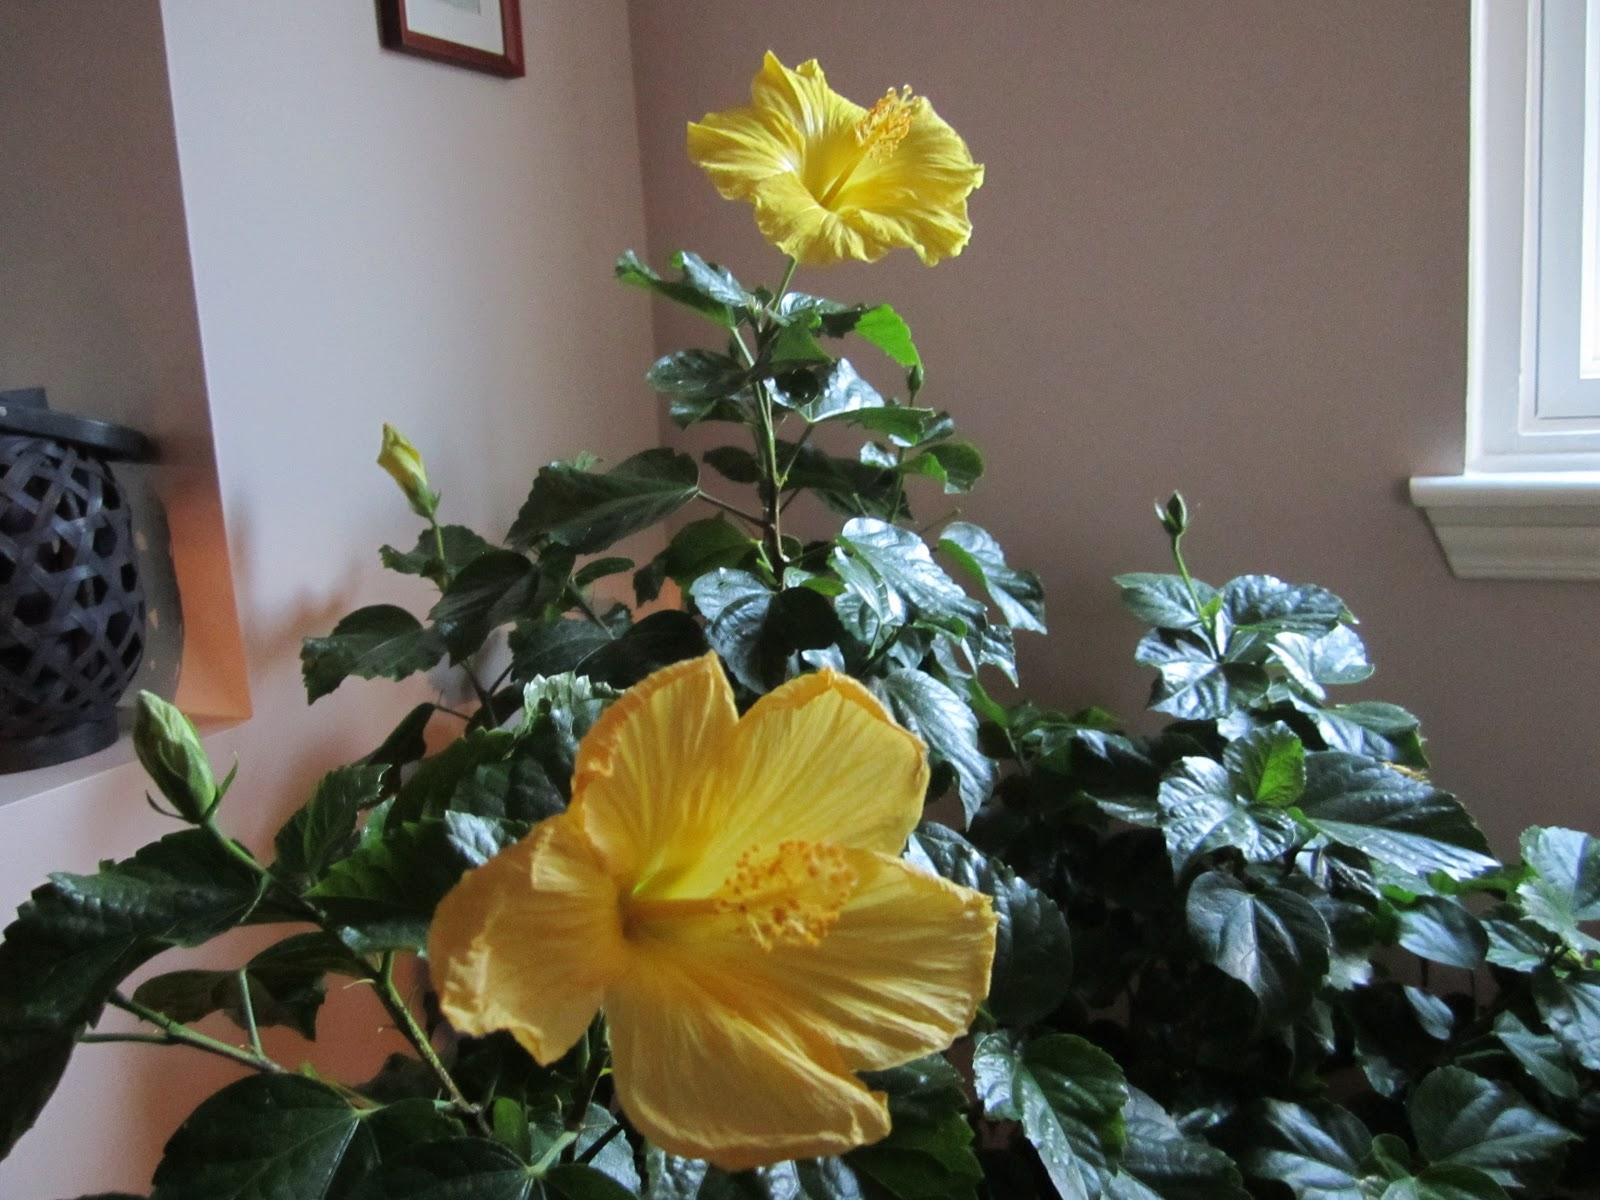 PARKIC: Cvijece i muskarci